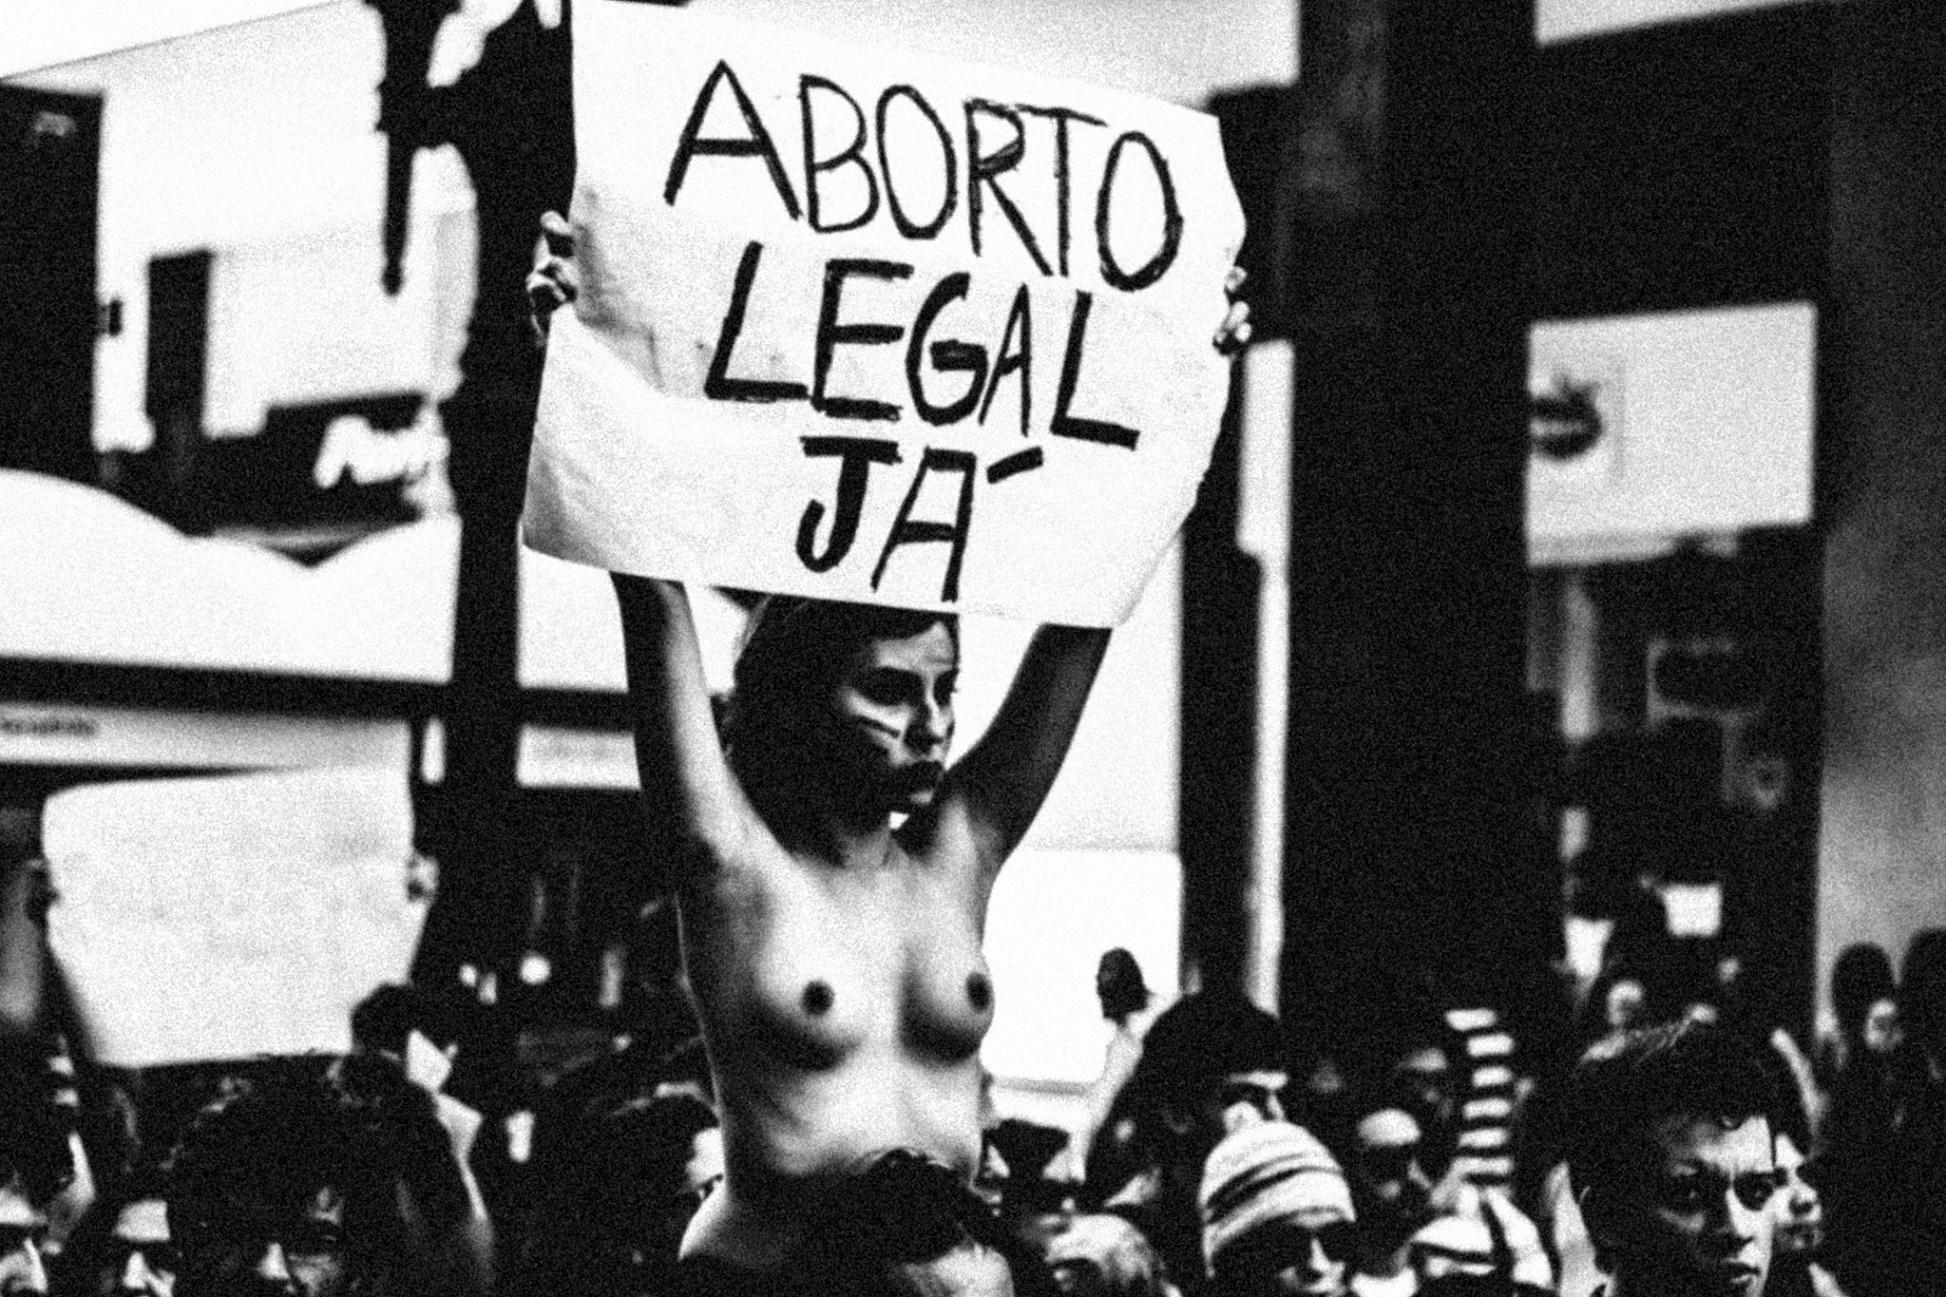 Manifestações nas ruas pedem a legalização do aborto no Brasil. Marcha das Vadias, Curitiba